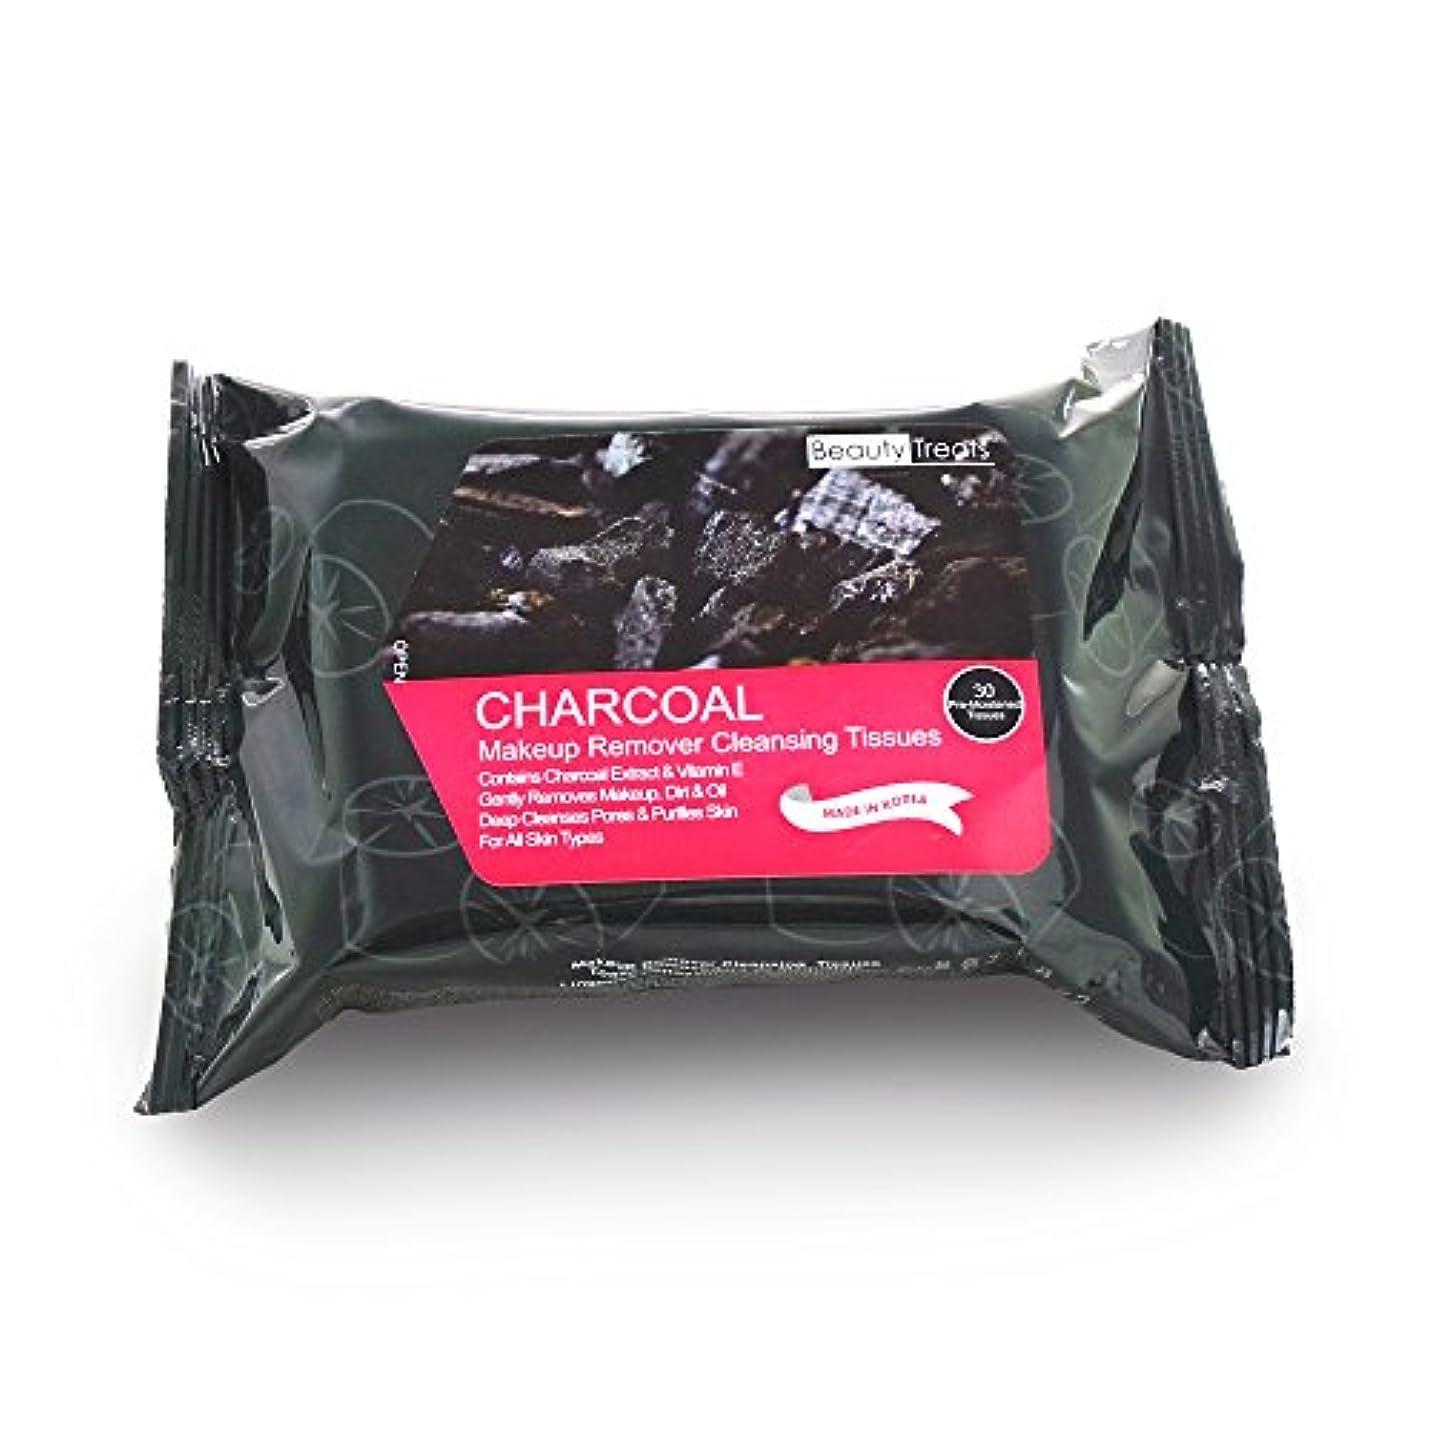 腹部圧倒的恐怖(3 Pack) BEAUTY TREATS Charcoal Makeup Remover Cleaning Tissues (並行輸入品)